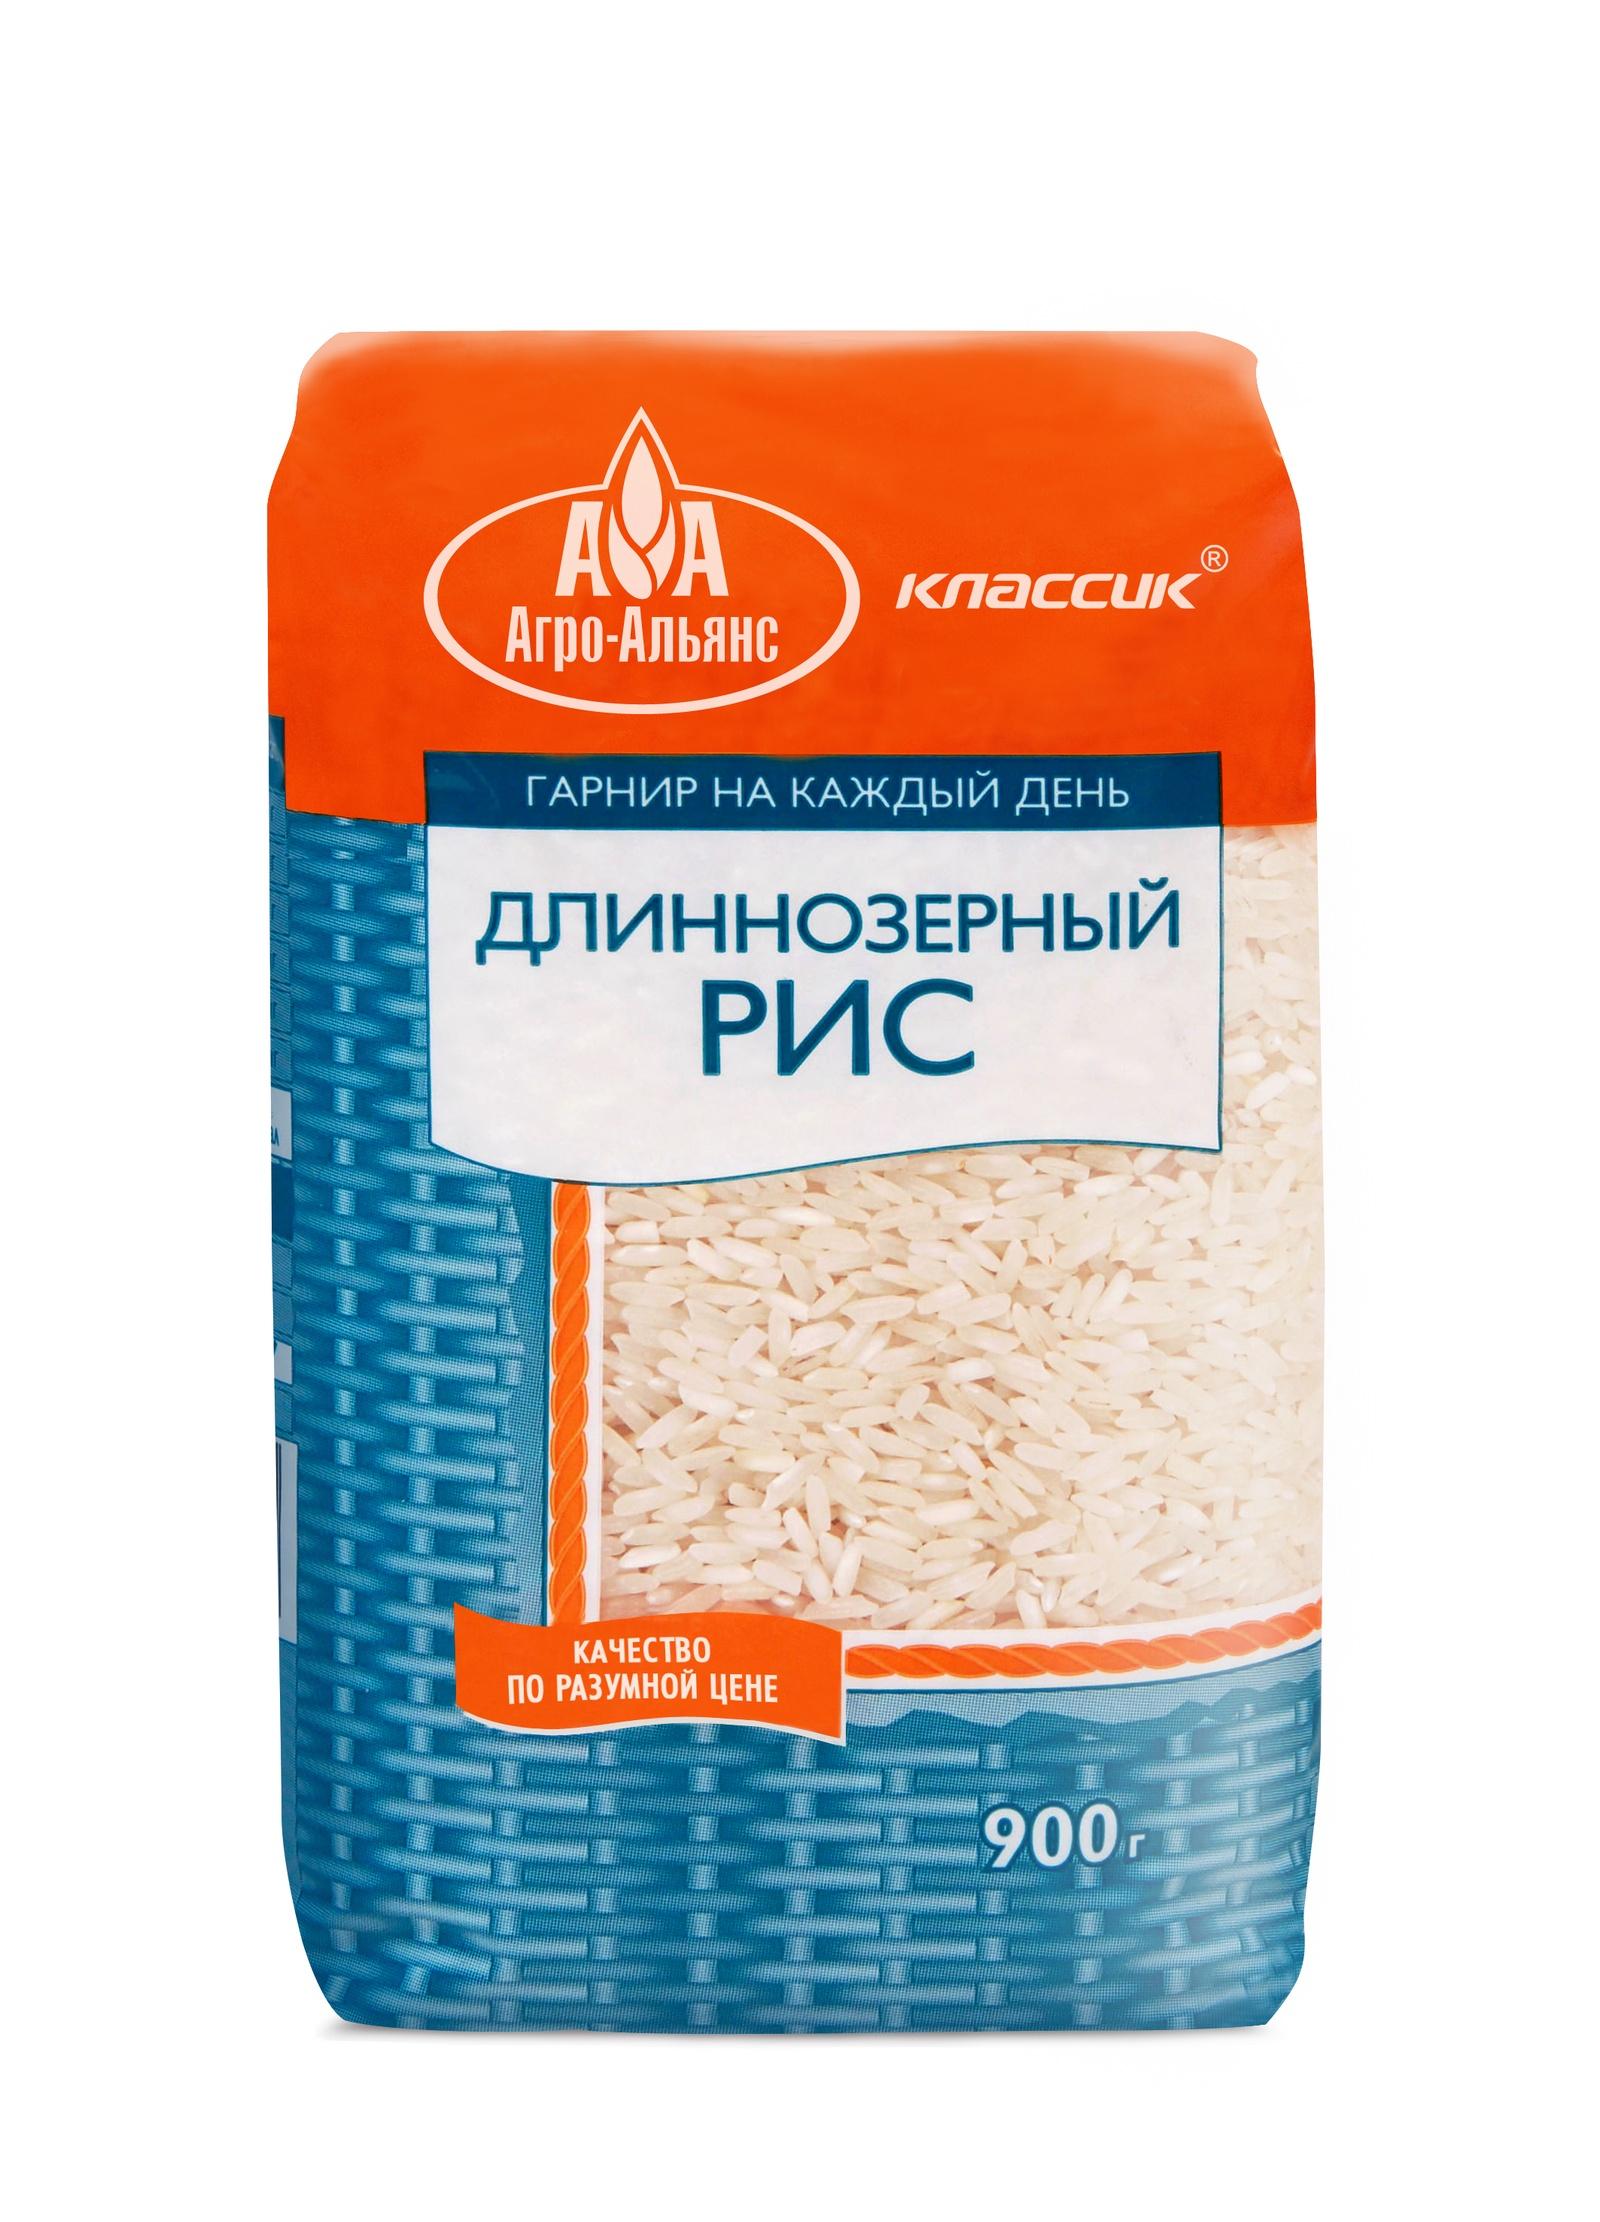 Рис Агро-Альянс Длиннозерный Классик, 900 г националь рис длиннозерный пропаренный золотистый 900 г